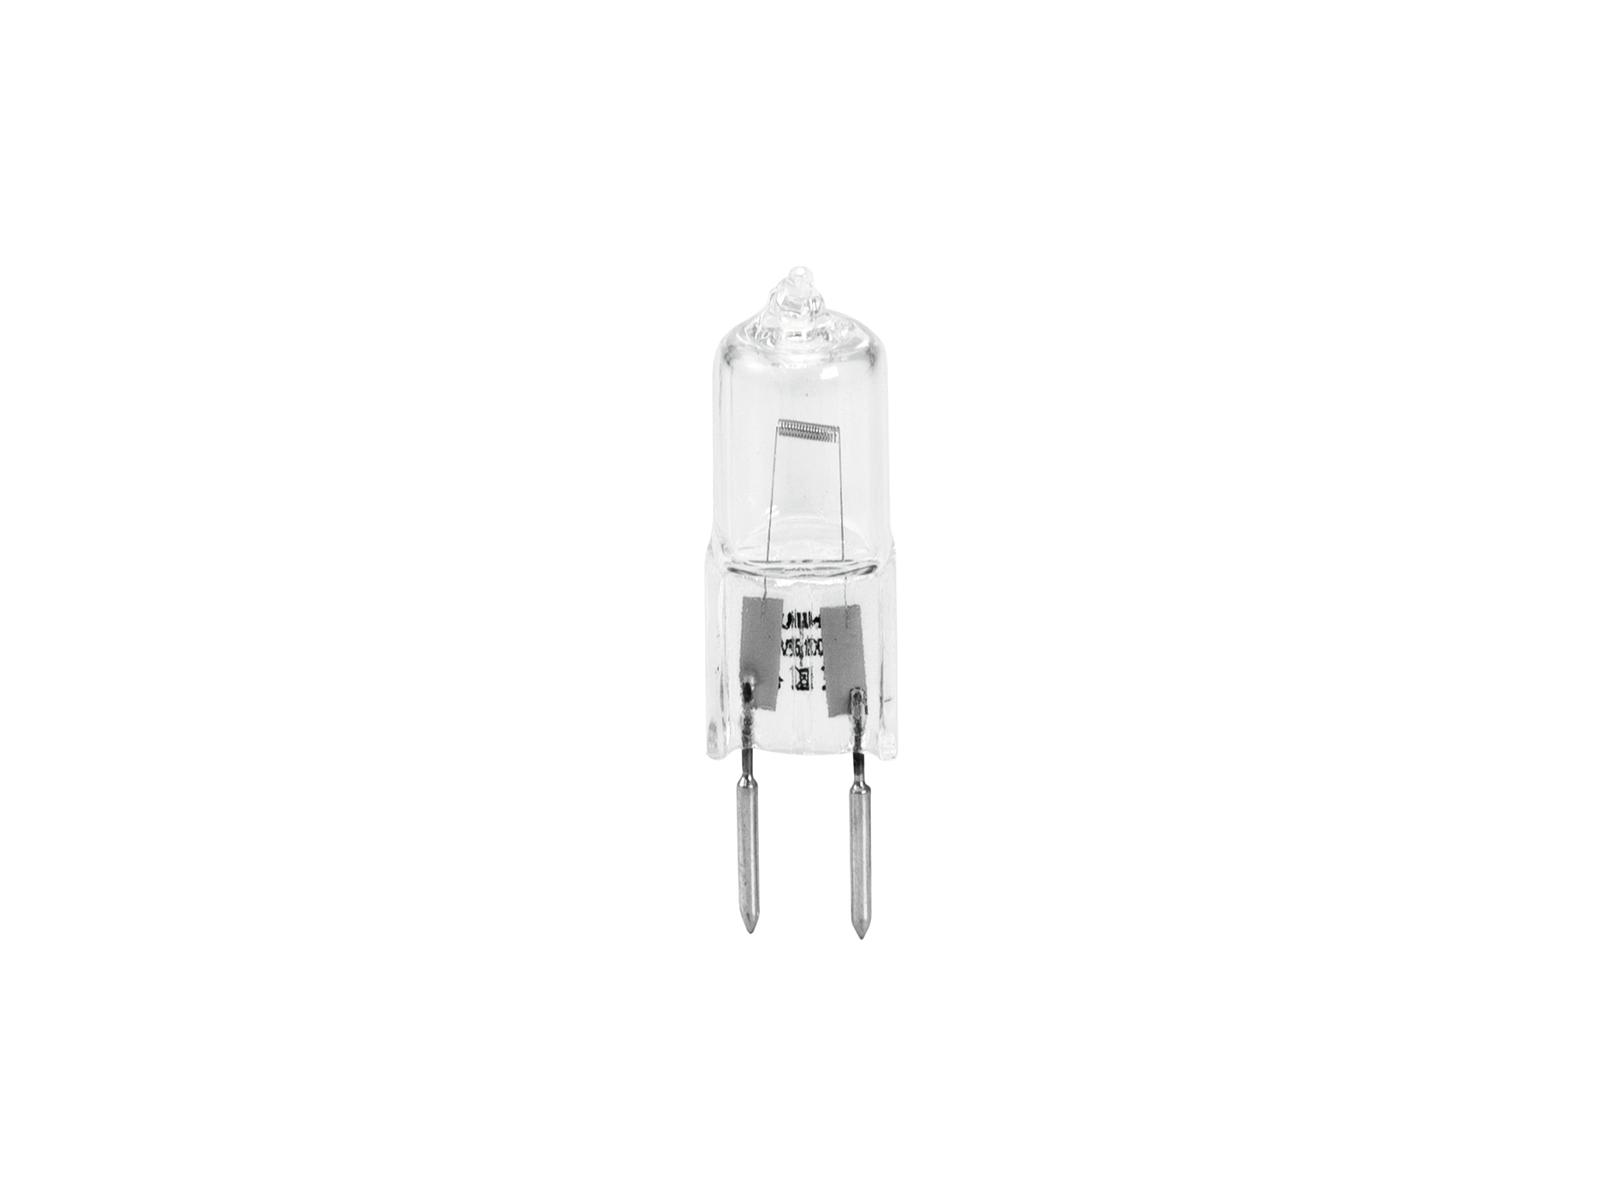 OMNILUX JC 12V/50W G-6.35 2000h